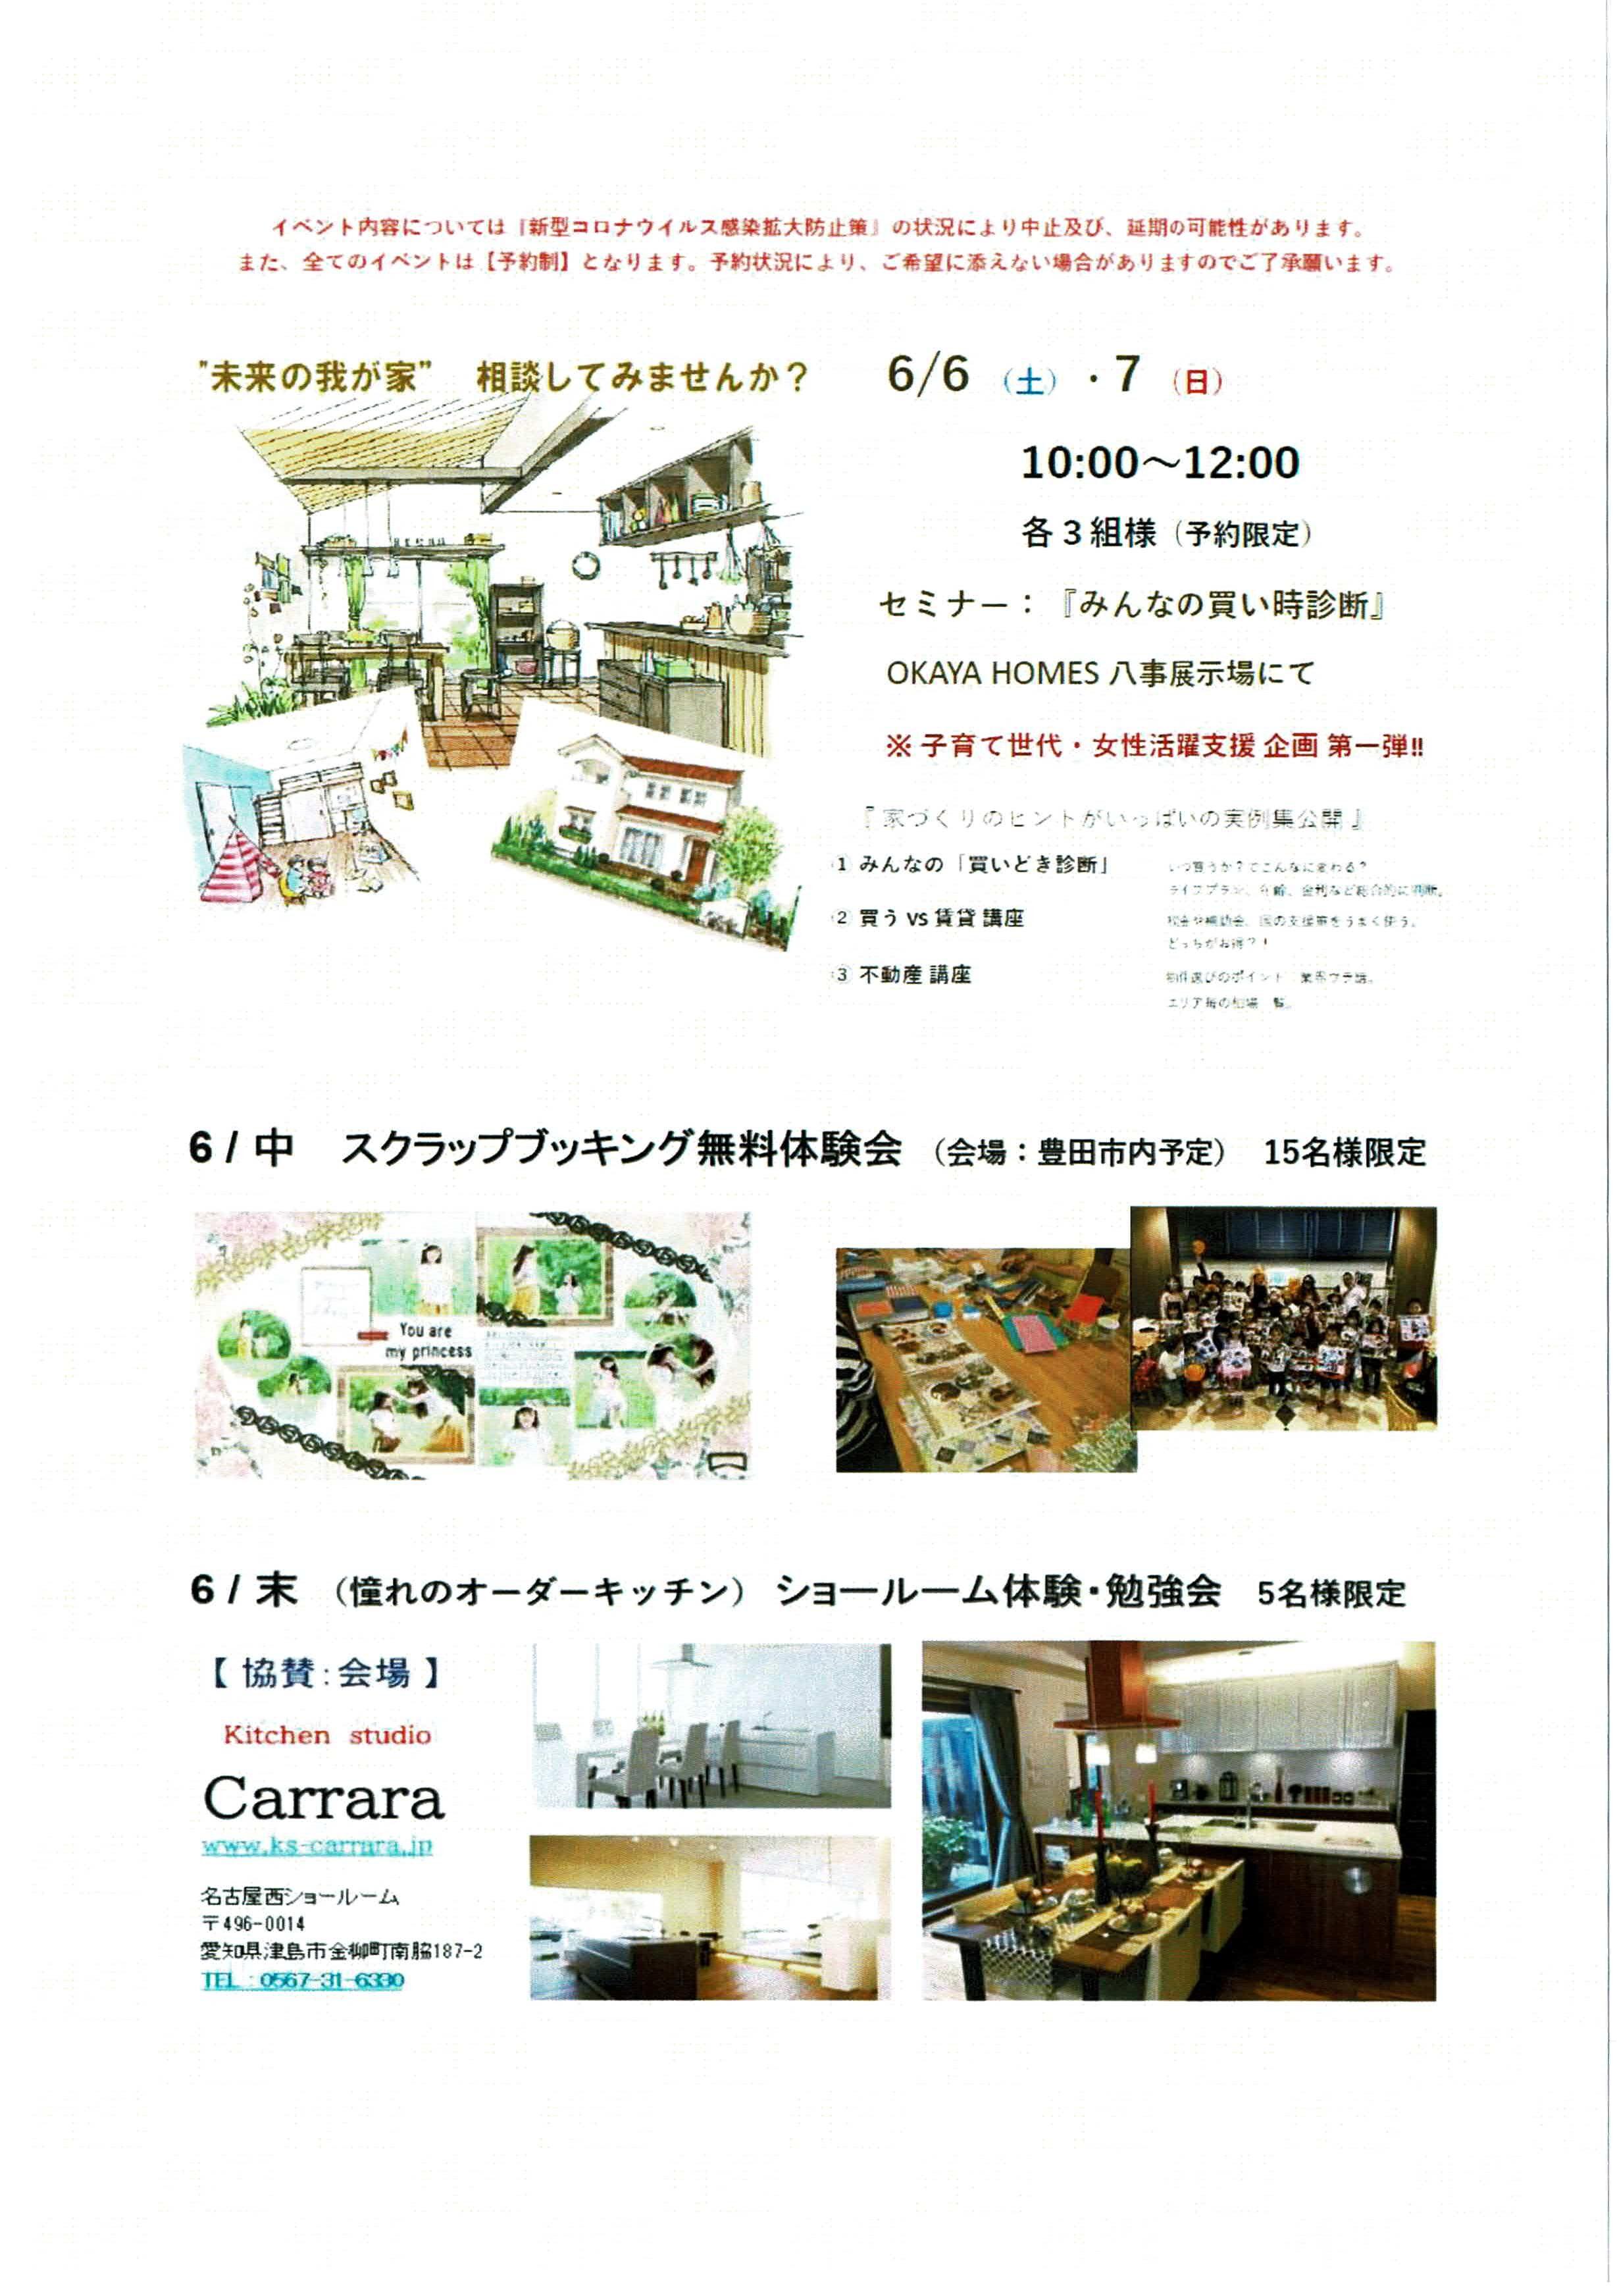 6/6(土)・7(日)セミナー開催:『みんなの買い時診断』各3組様(予約限定)